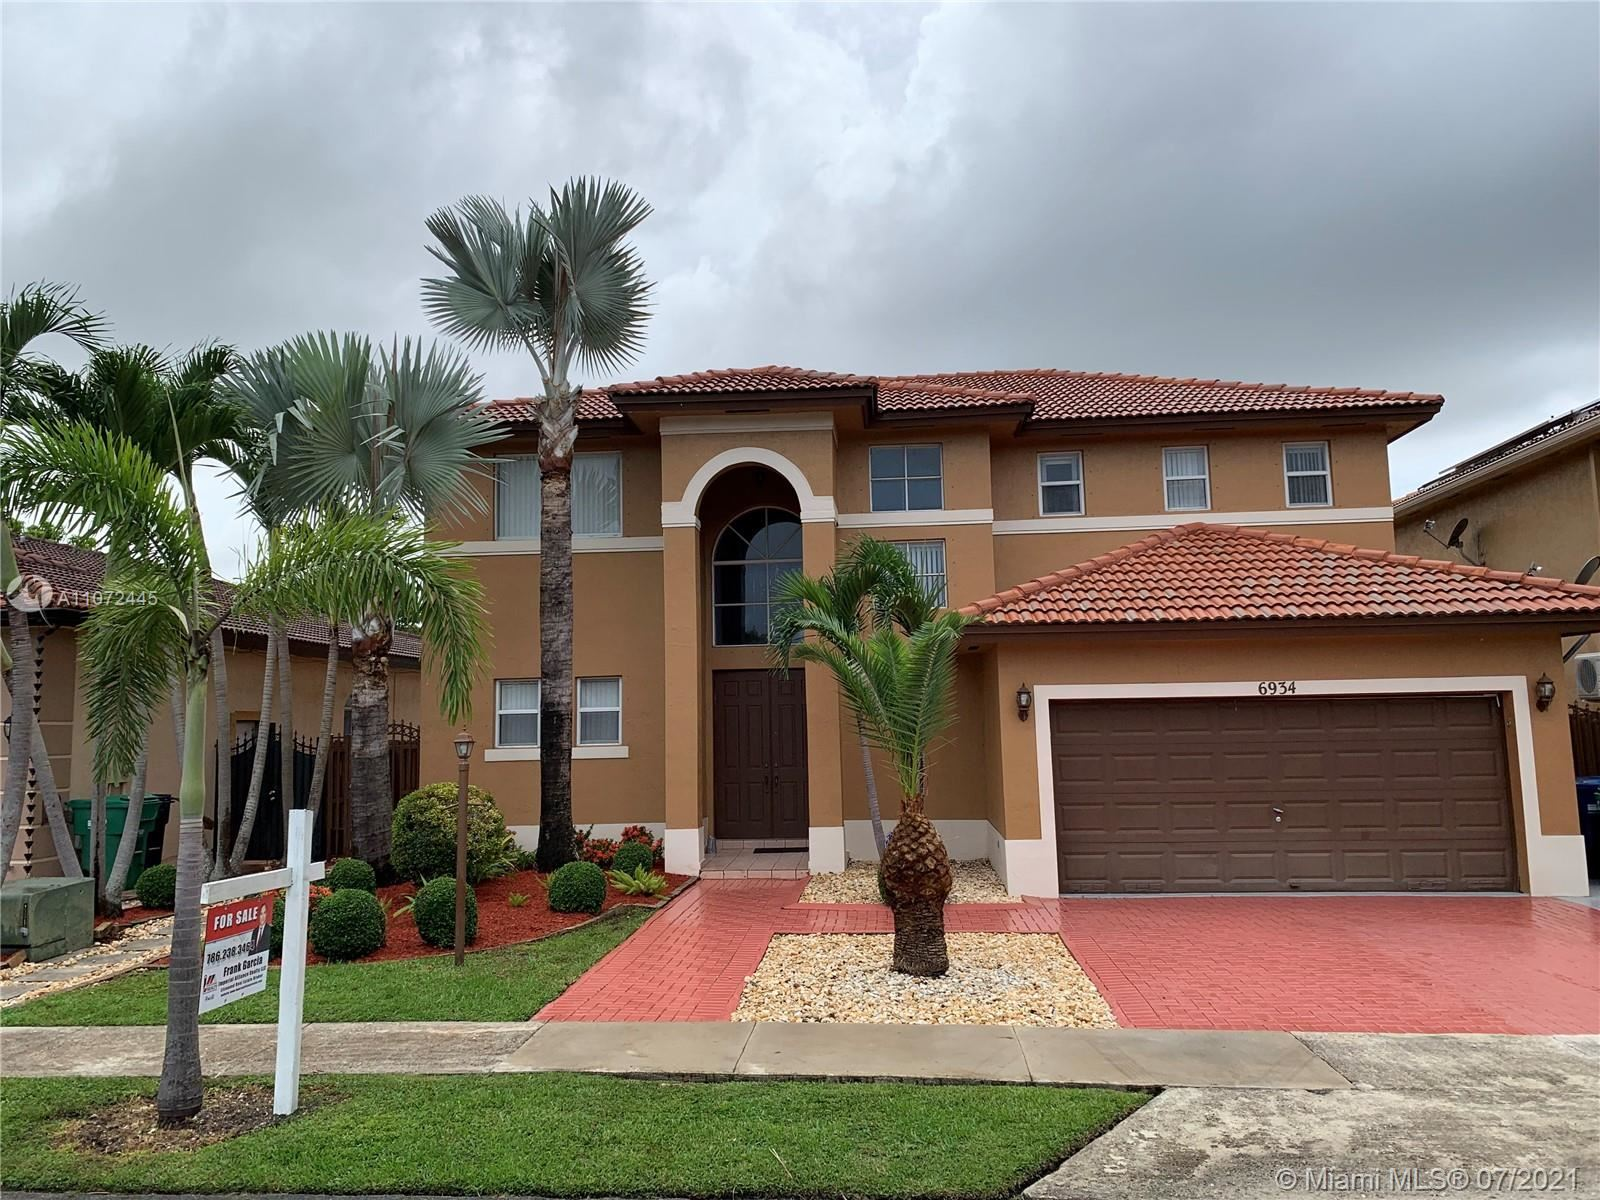 6934 SW 159th Ave, Miami, FL 33193 - #: A11072445